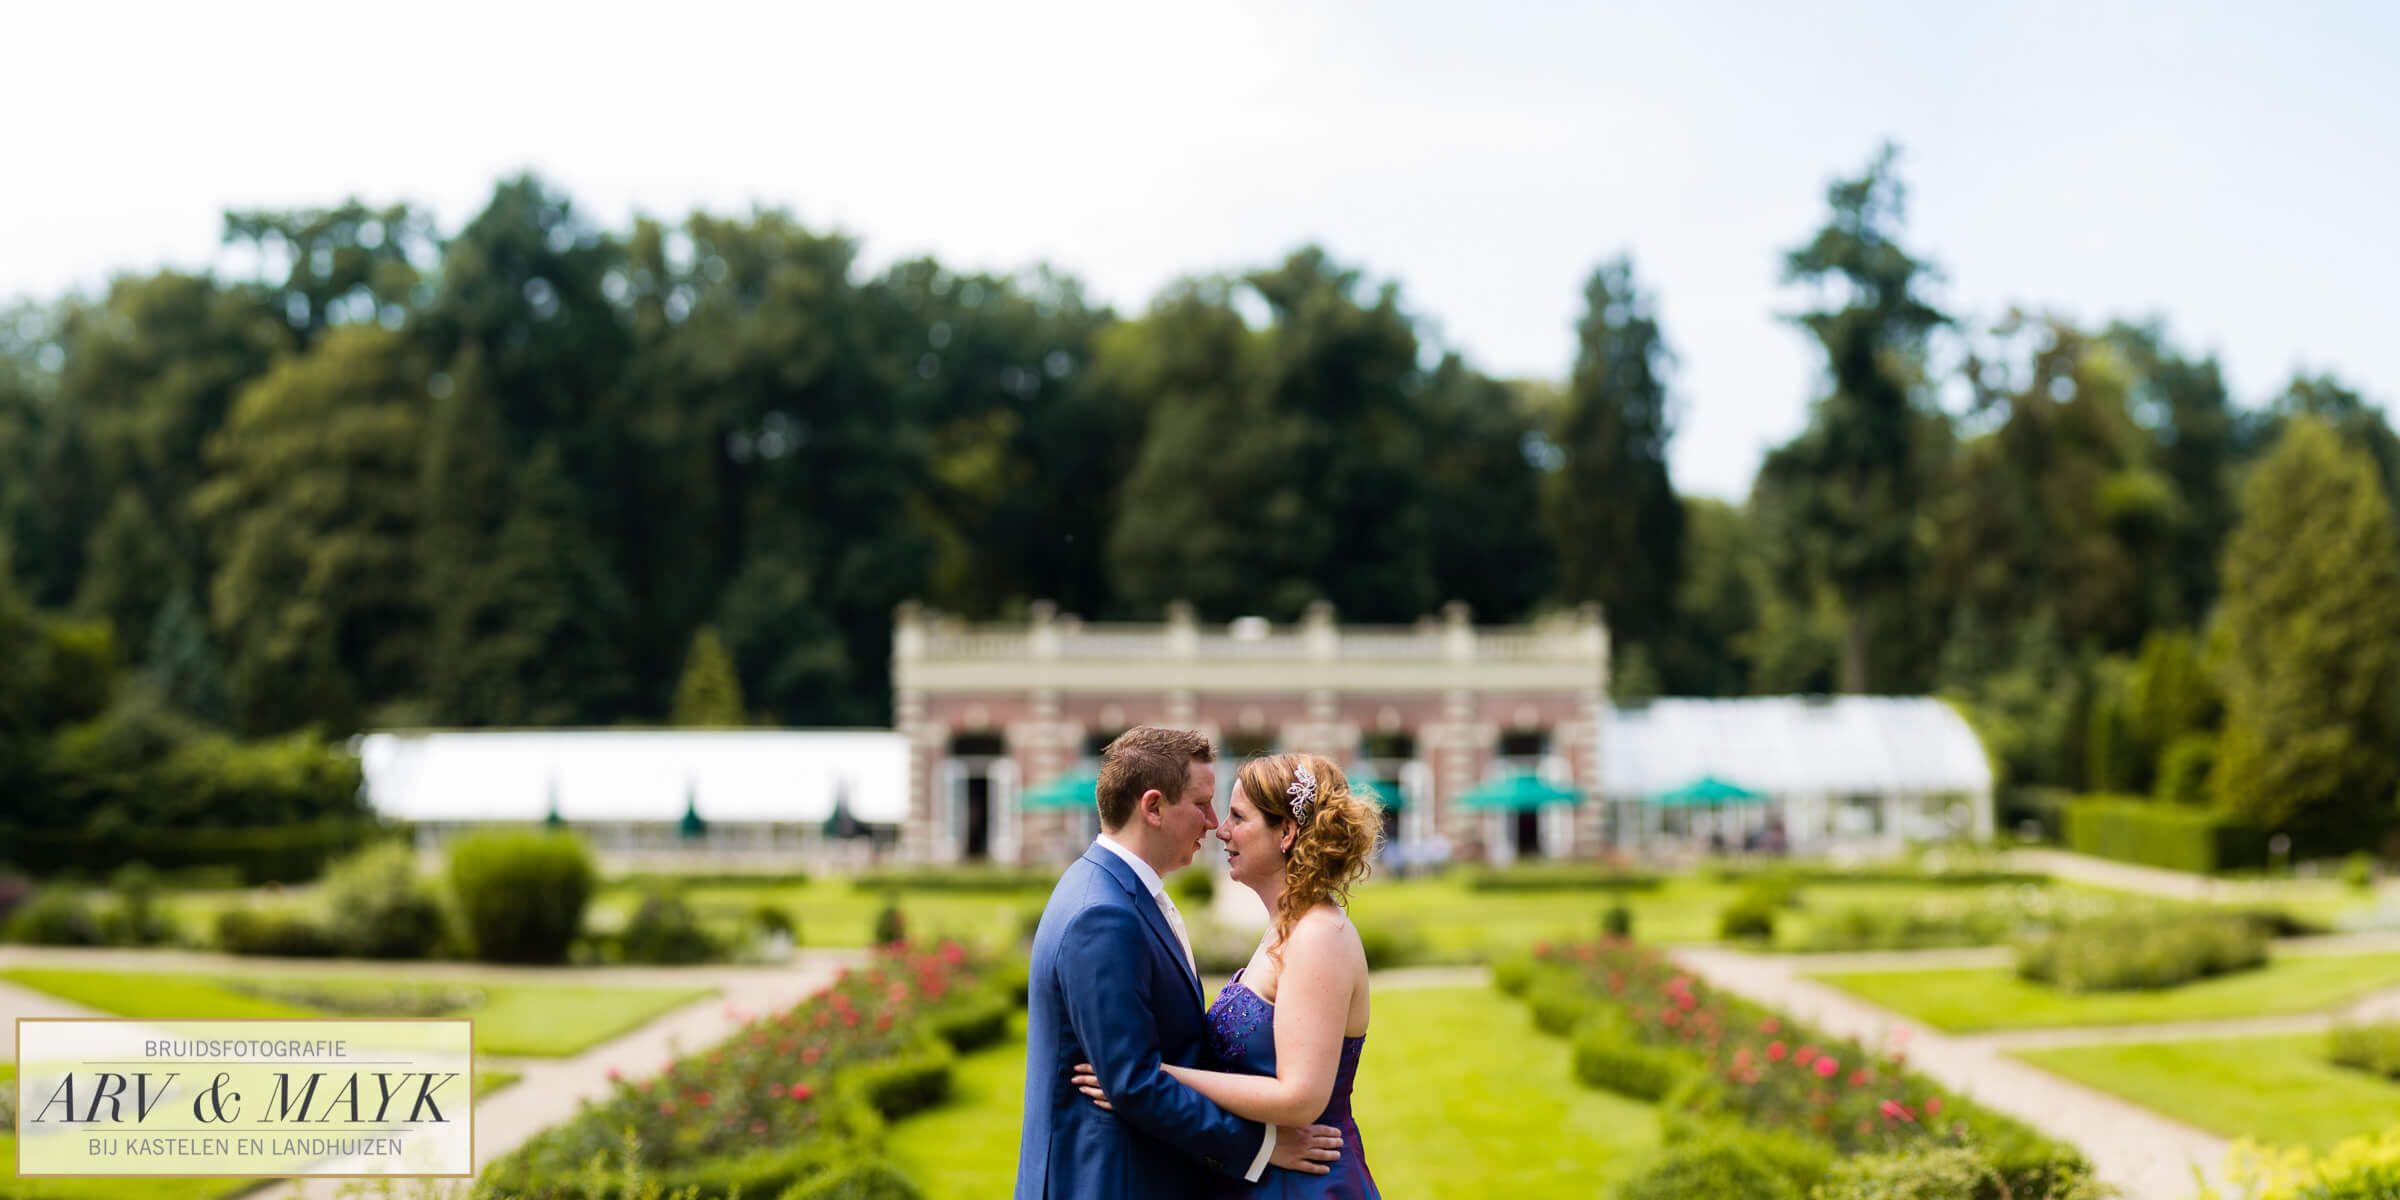 awesome sneakpeak buiten trouwen bij landgoed groot warnsborn s with buiten groot